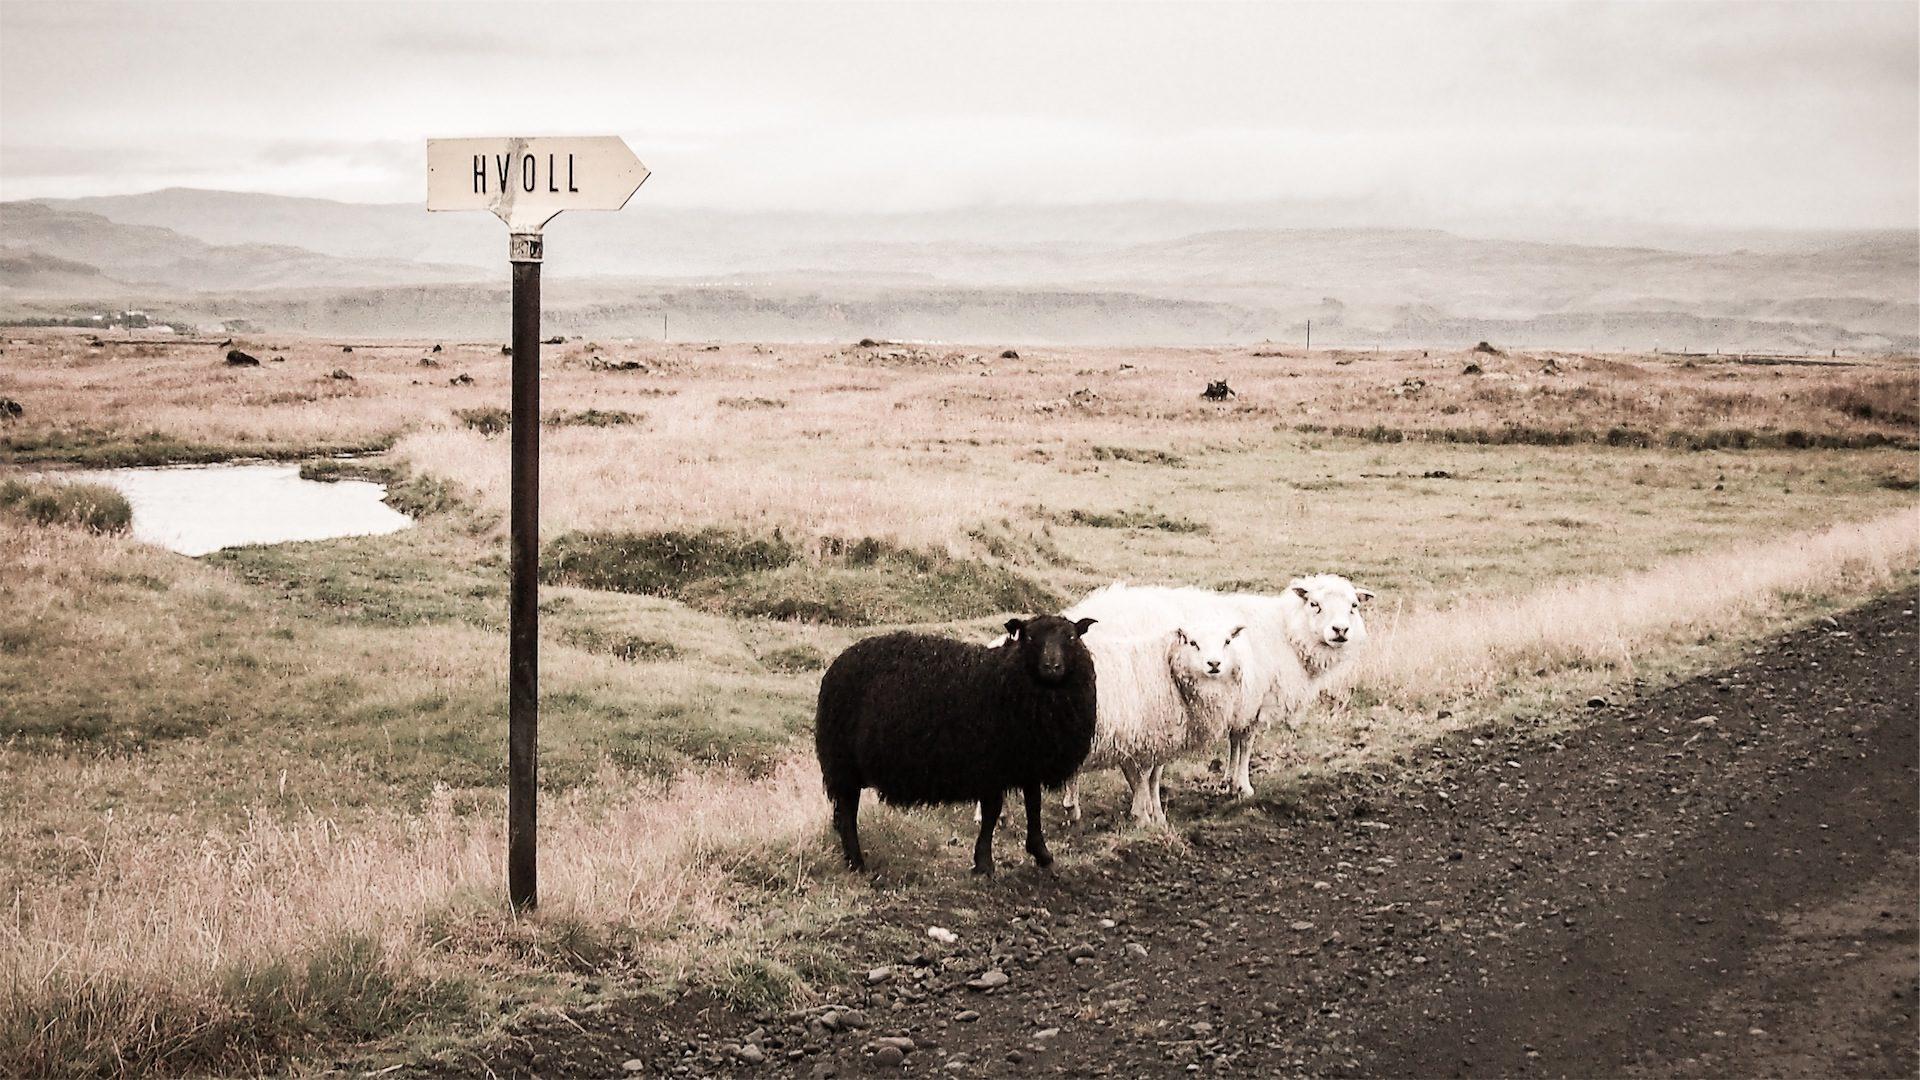 羊, ブラック, 道路, 信号, hvoll, フィールド - HD の壁紙 - 教授-falken.com